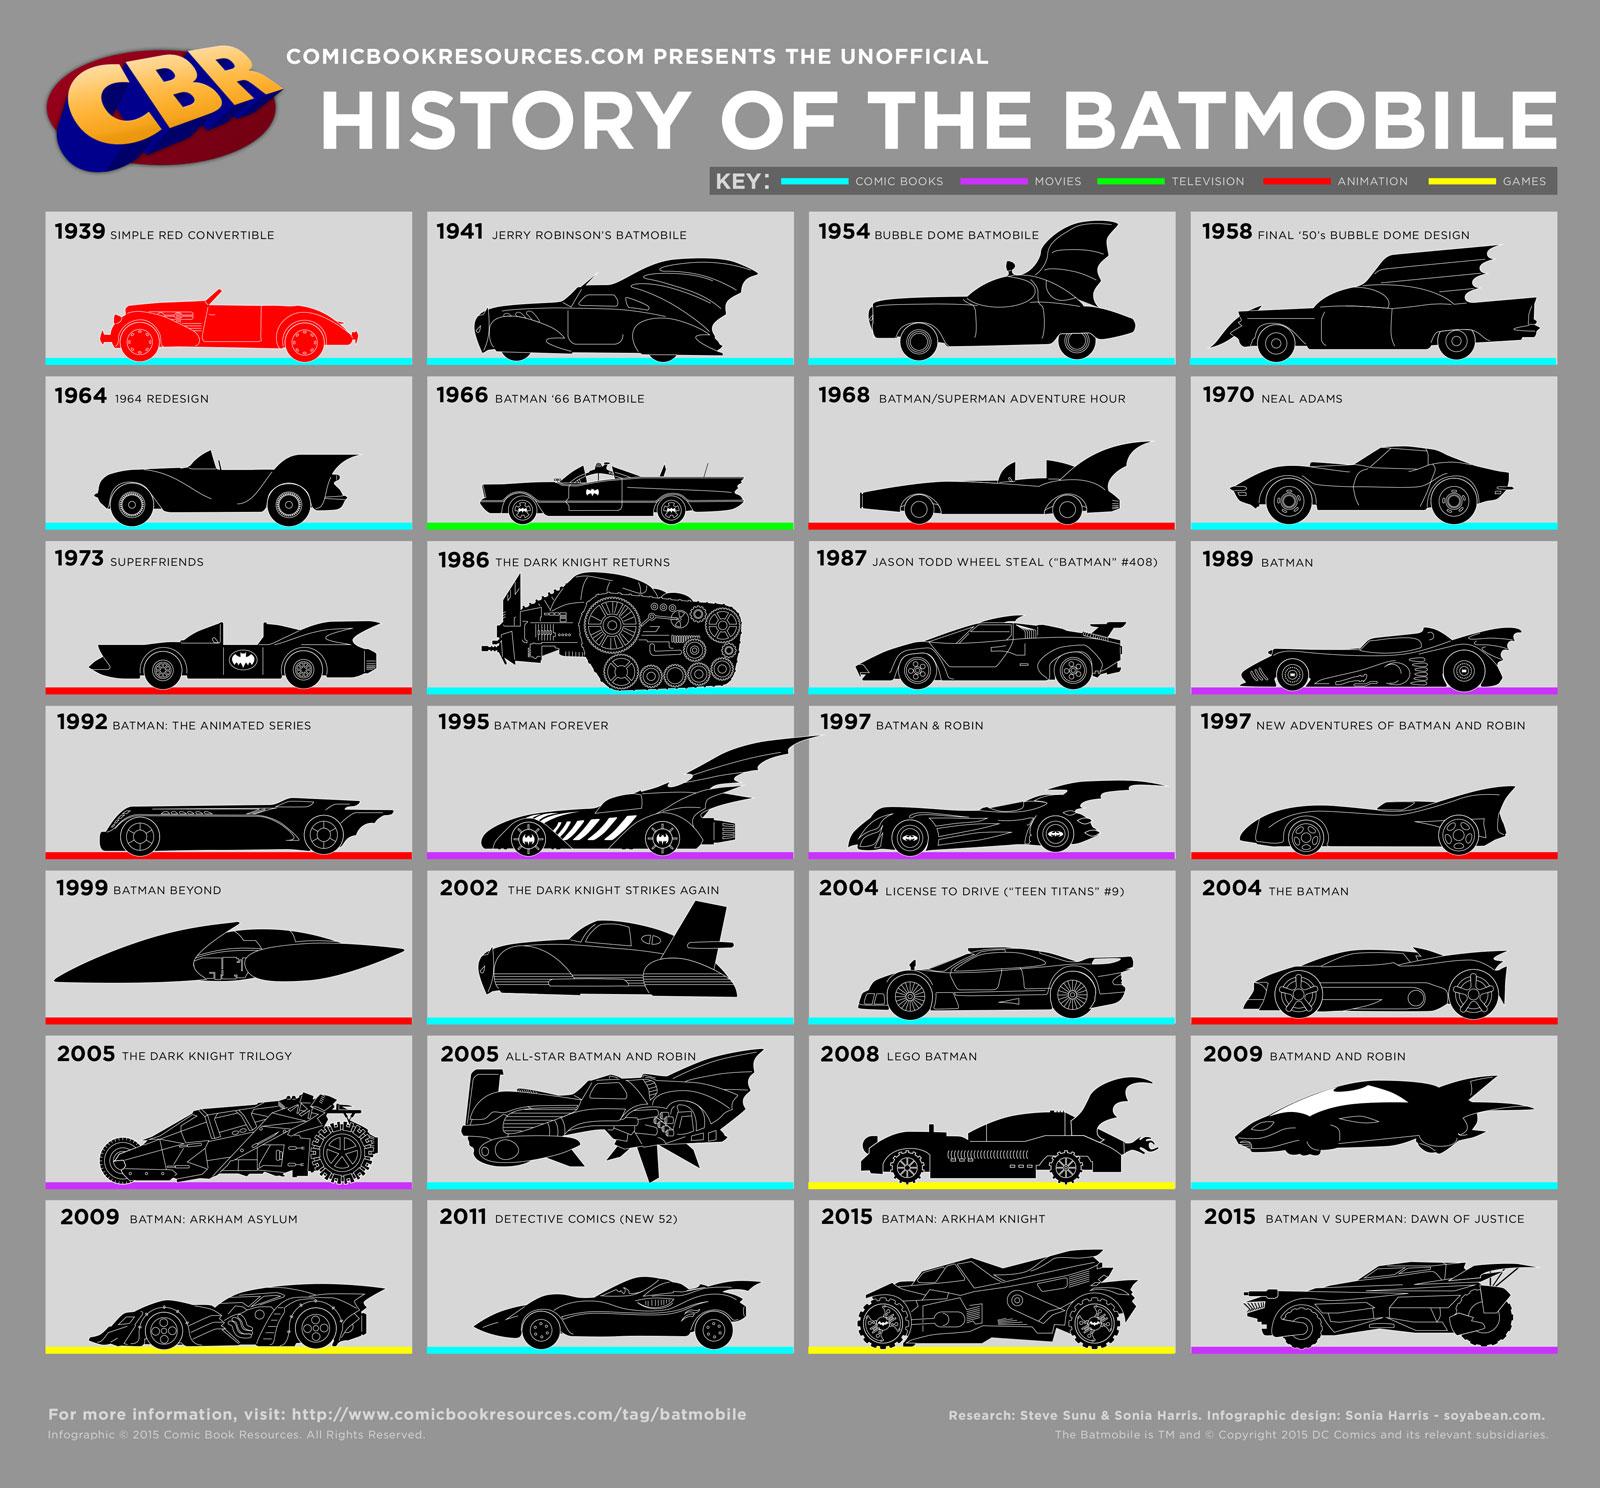 batmobiles-032115-1-efdb9-1